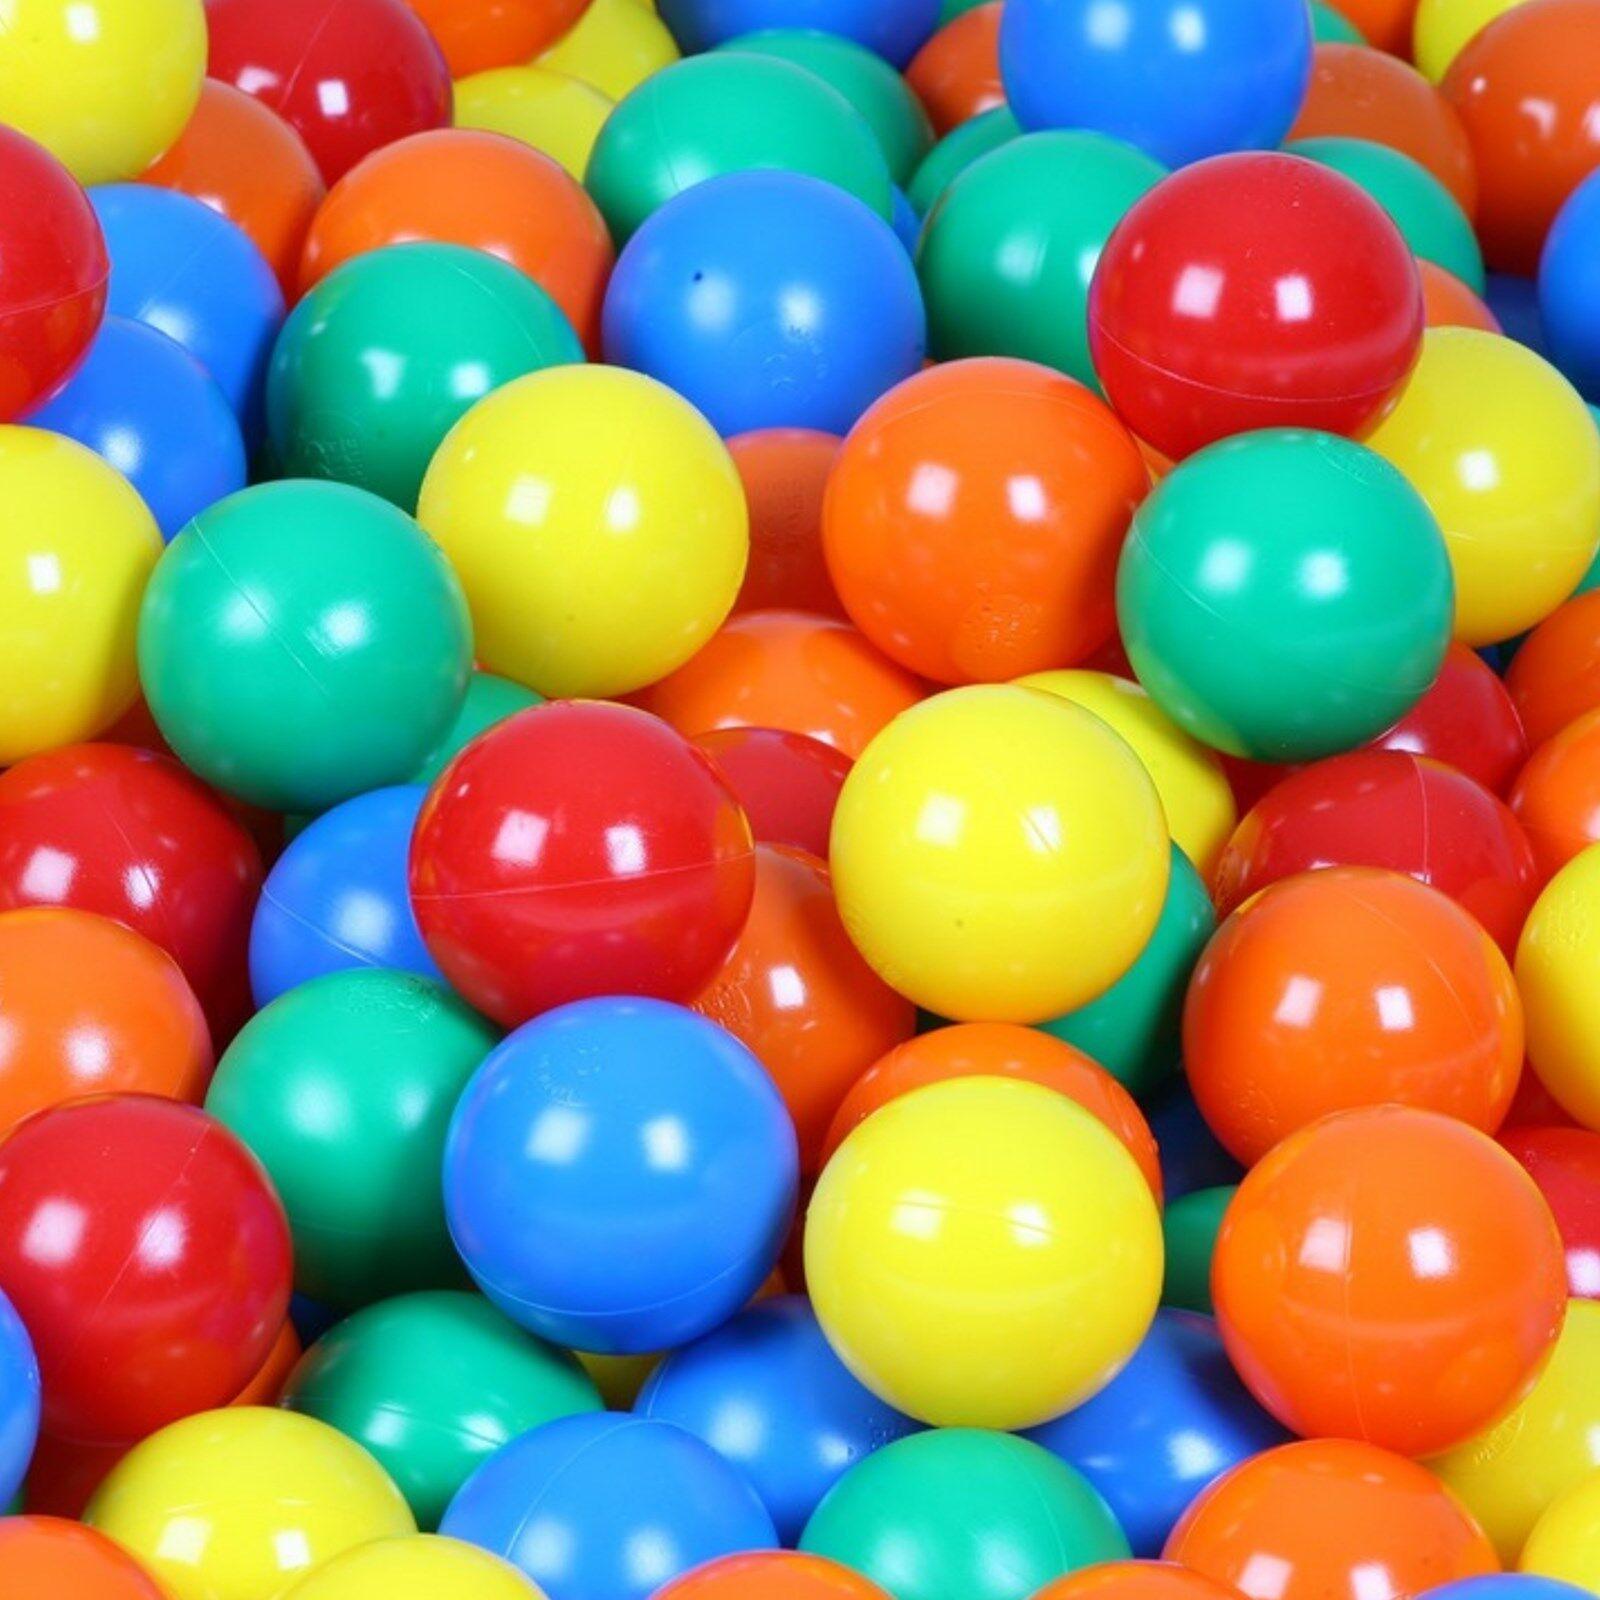 Bälle für Bällebad 60mm bunte Spielbälle Baby Kind Spielbälle Kugelbad Euromatic